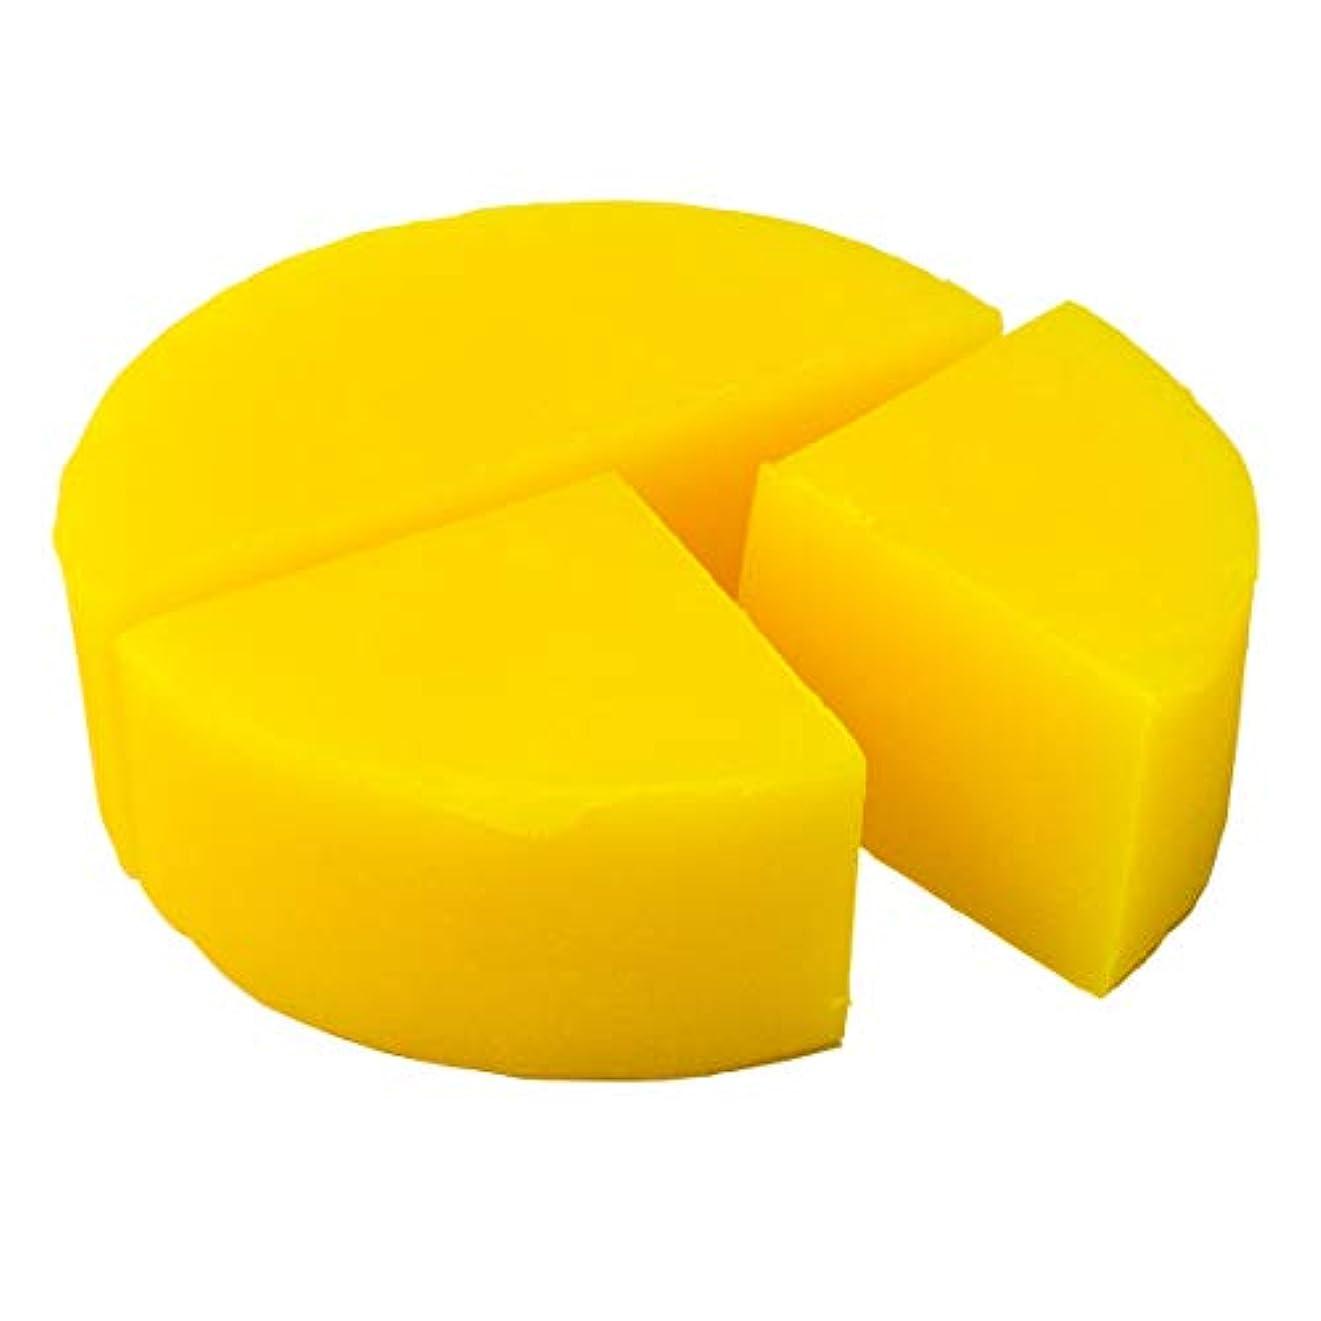 病んでいる検索エンジン最適化その他グリセリン クリアソープ 色チップ 黄 100g (MPソープ)